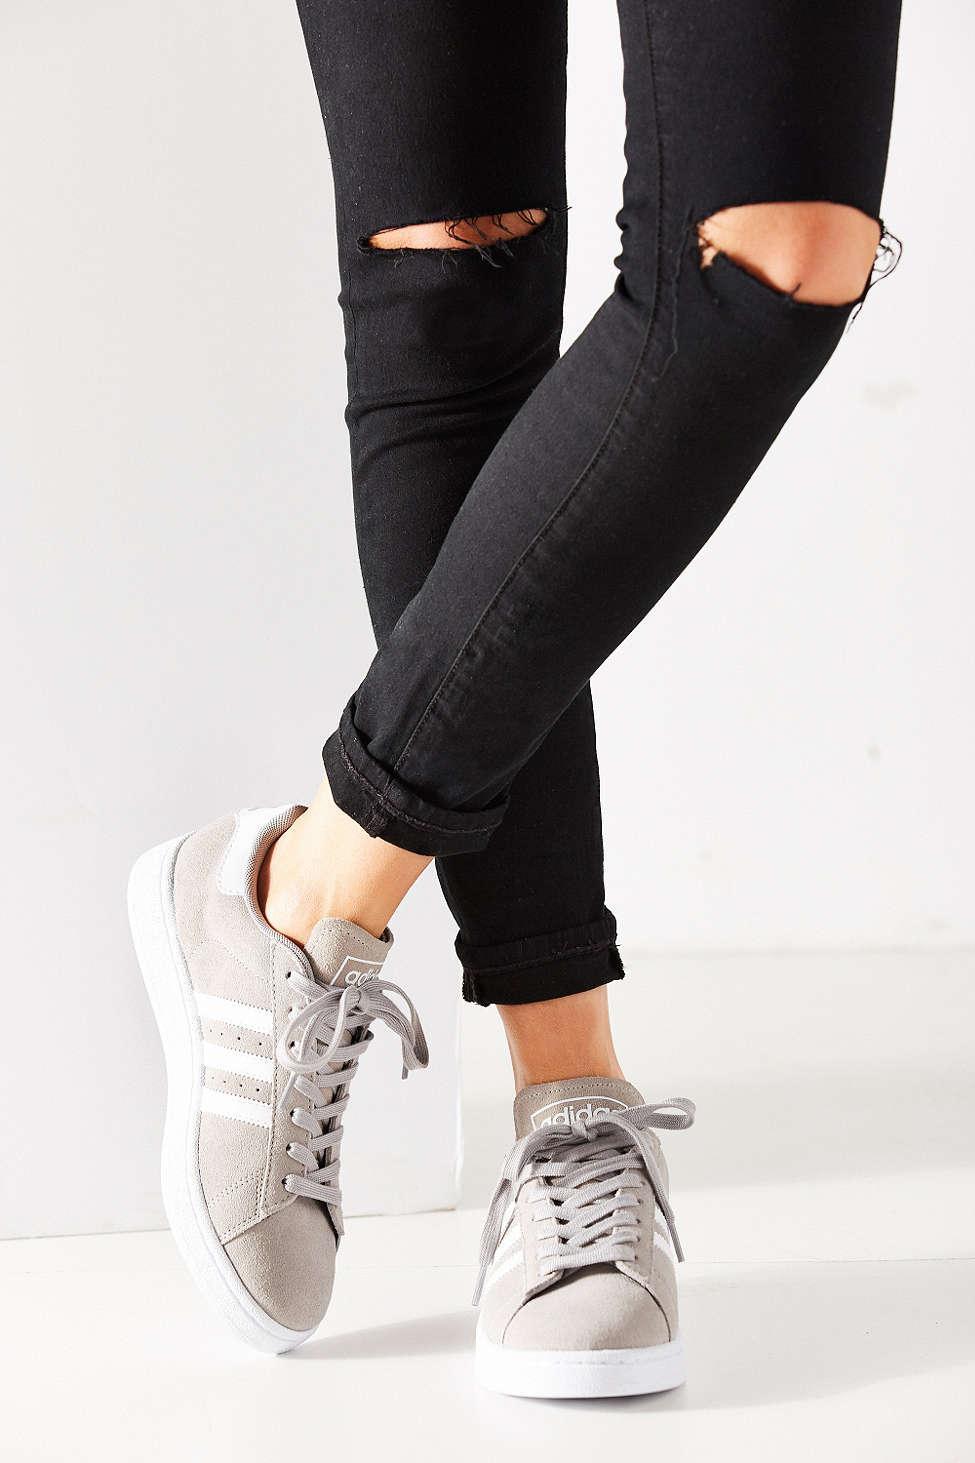 lyst adidas originali campus scarpe da ginnastica in grigio.